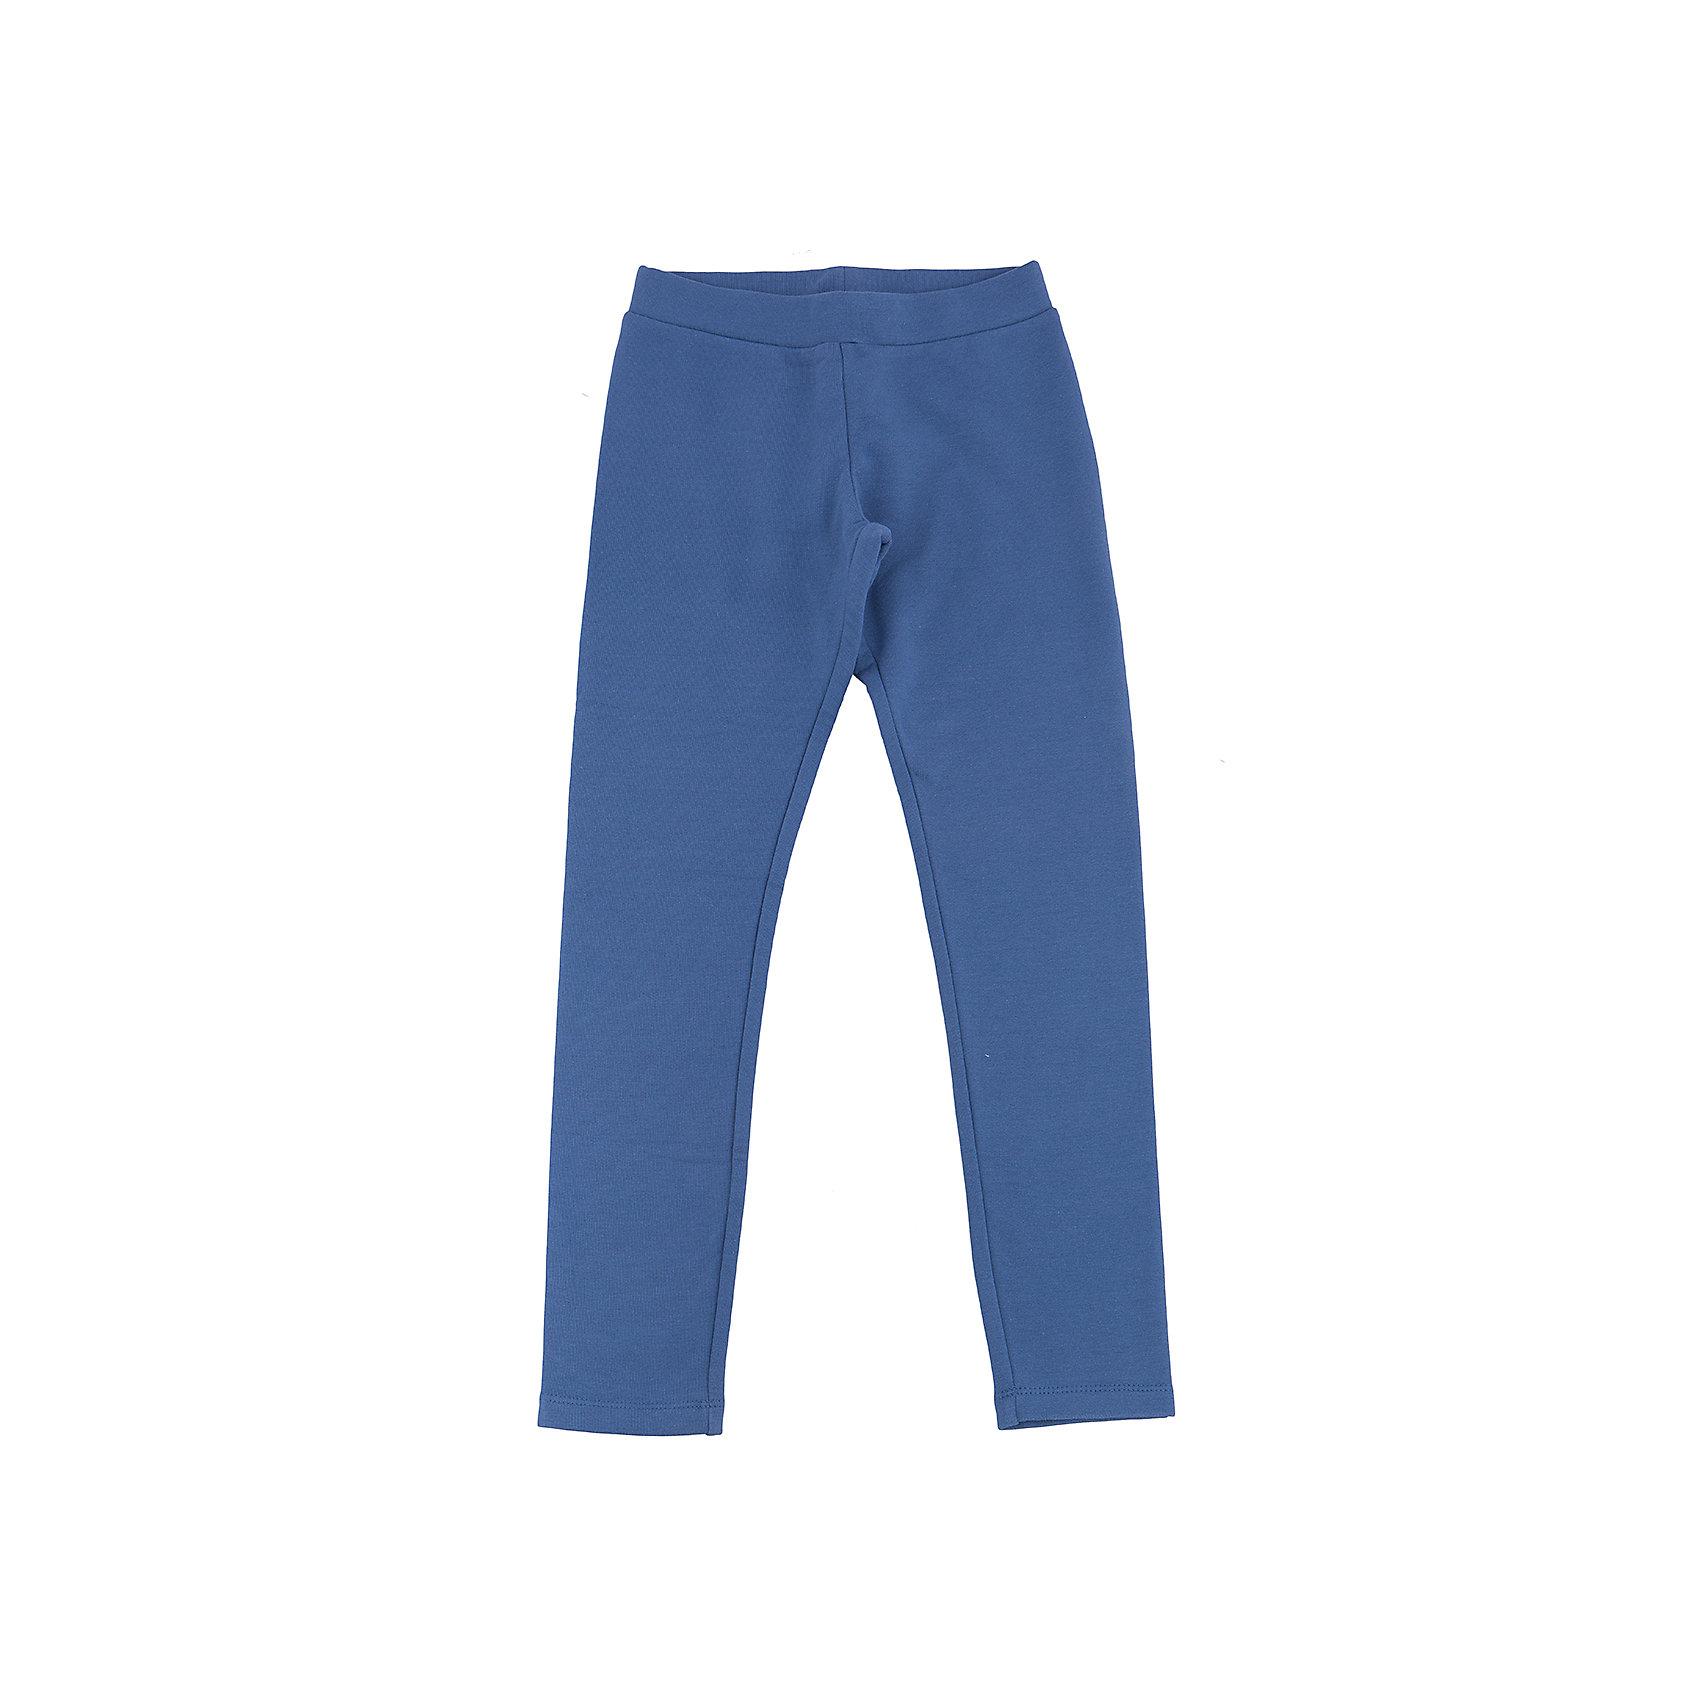 Леггинсы для девочки SELAЛеггинсы<br>Трикотажные плотные брюки для юной модницы.<br>Брюки прекрасны  в носке, не тянуться, садятся по фигуре и не сковывают движение. Такая модель брюк- прекрасный вариант для юной непоседы.<br><br>Дополнительная информация:<br><br>- Приталенный силуэт.<br>- Цвет: деним.<br>- Состав: 95% хлопок, 5% эластан.<br>- Бренд: SELA<br><br>Купить брюки для девочки от SELA можно в нашем магазине.<br><br>Ширина мм: 215<br>Глубина мм: 88<br>Высота мм: 191<br>Вес г: 336<br>Цвет: синий<br>Возраст от месяцев: 132<br>Возраст до месяцев: 144<br>Пол: Женский<br>Возраст: Детский<br>Размер: 152,116,122,128,134,140,146<br>SKU: 4883623